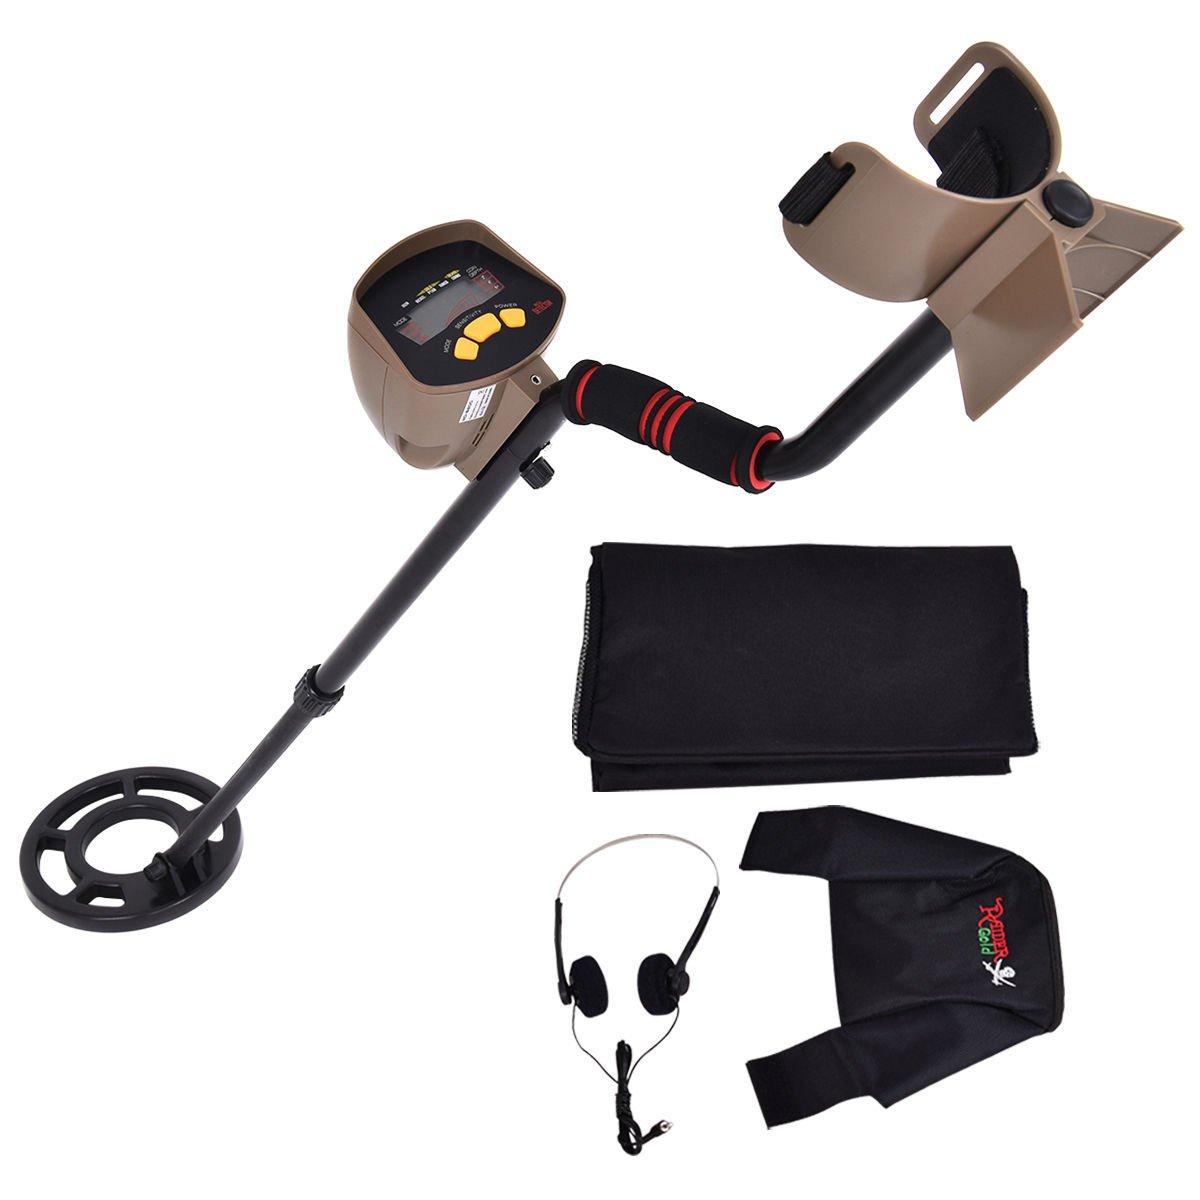 Goplus Waterproof Metal Detector 8.3'' Depth Sensitive Underground Gold Search w/ Headphones & Backpack MD-6200